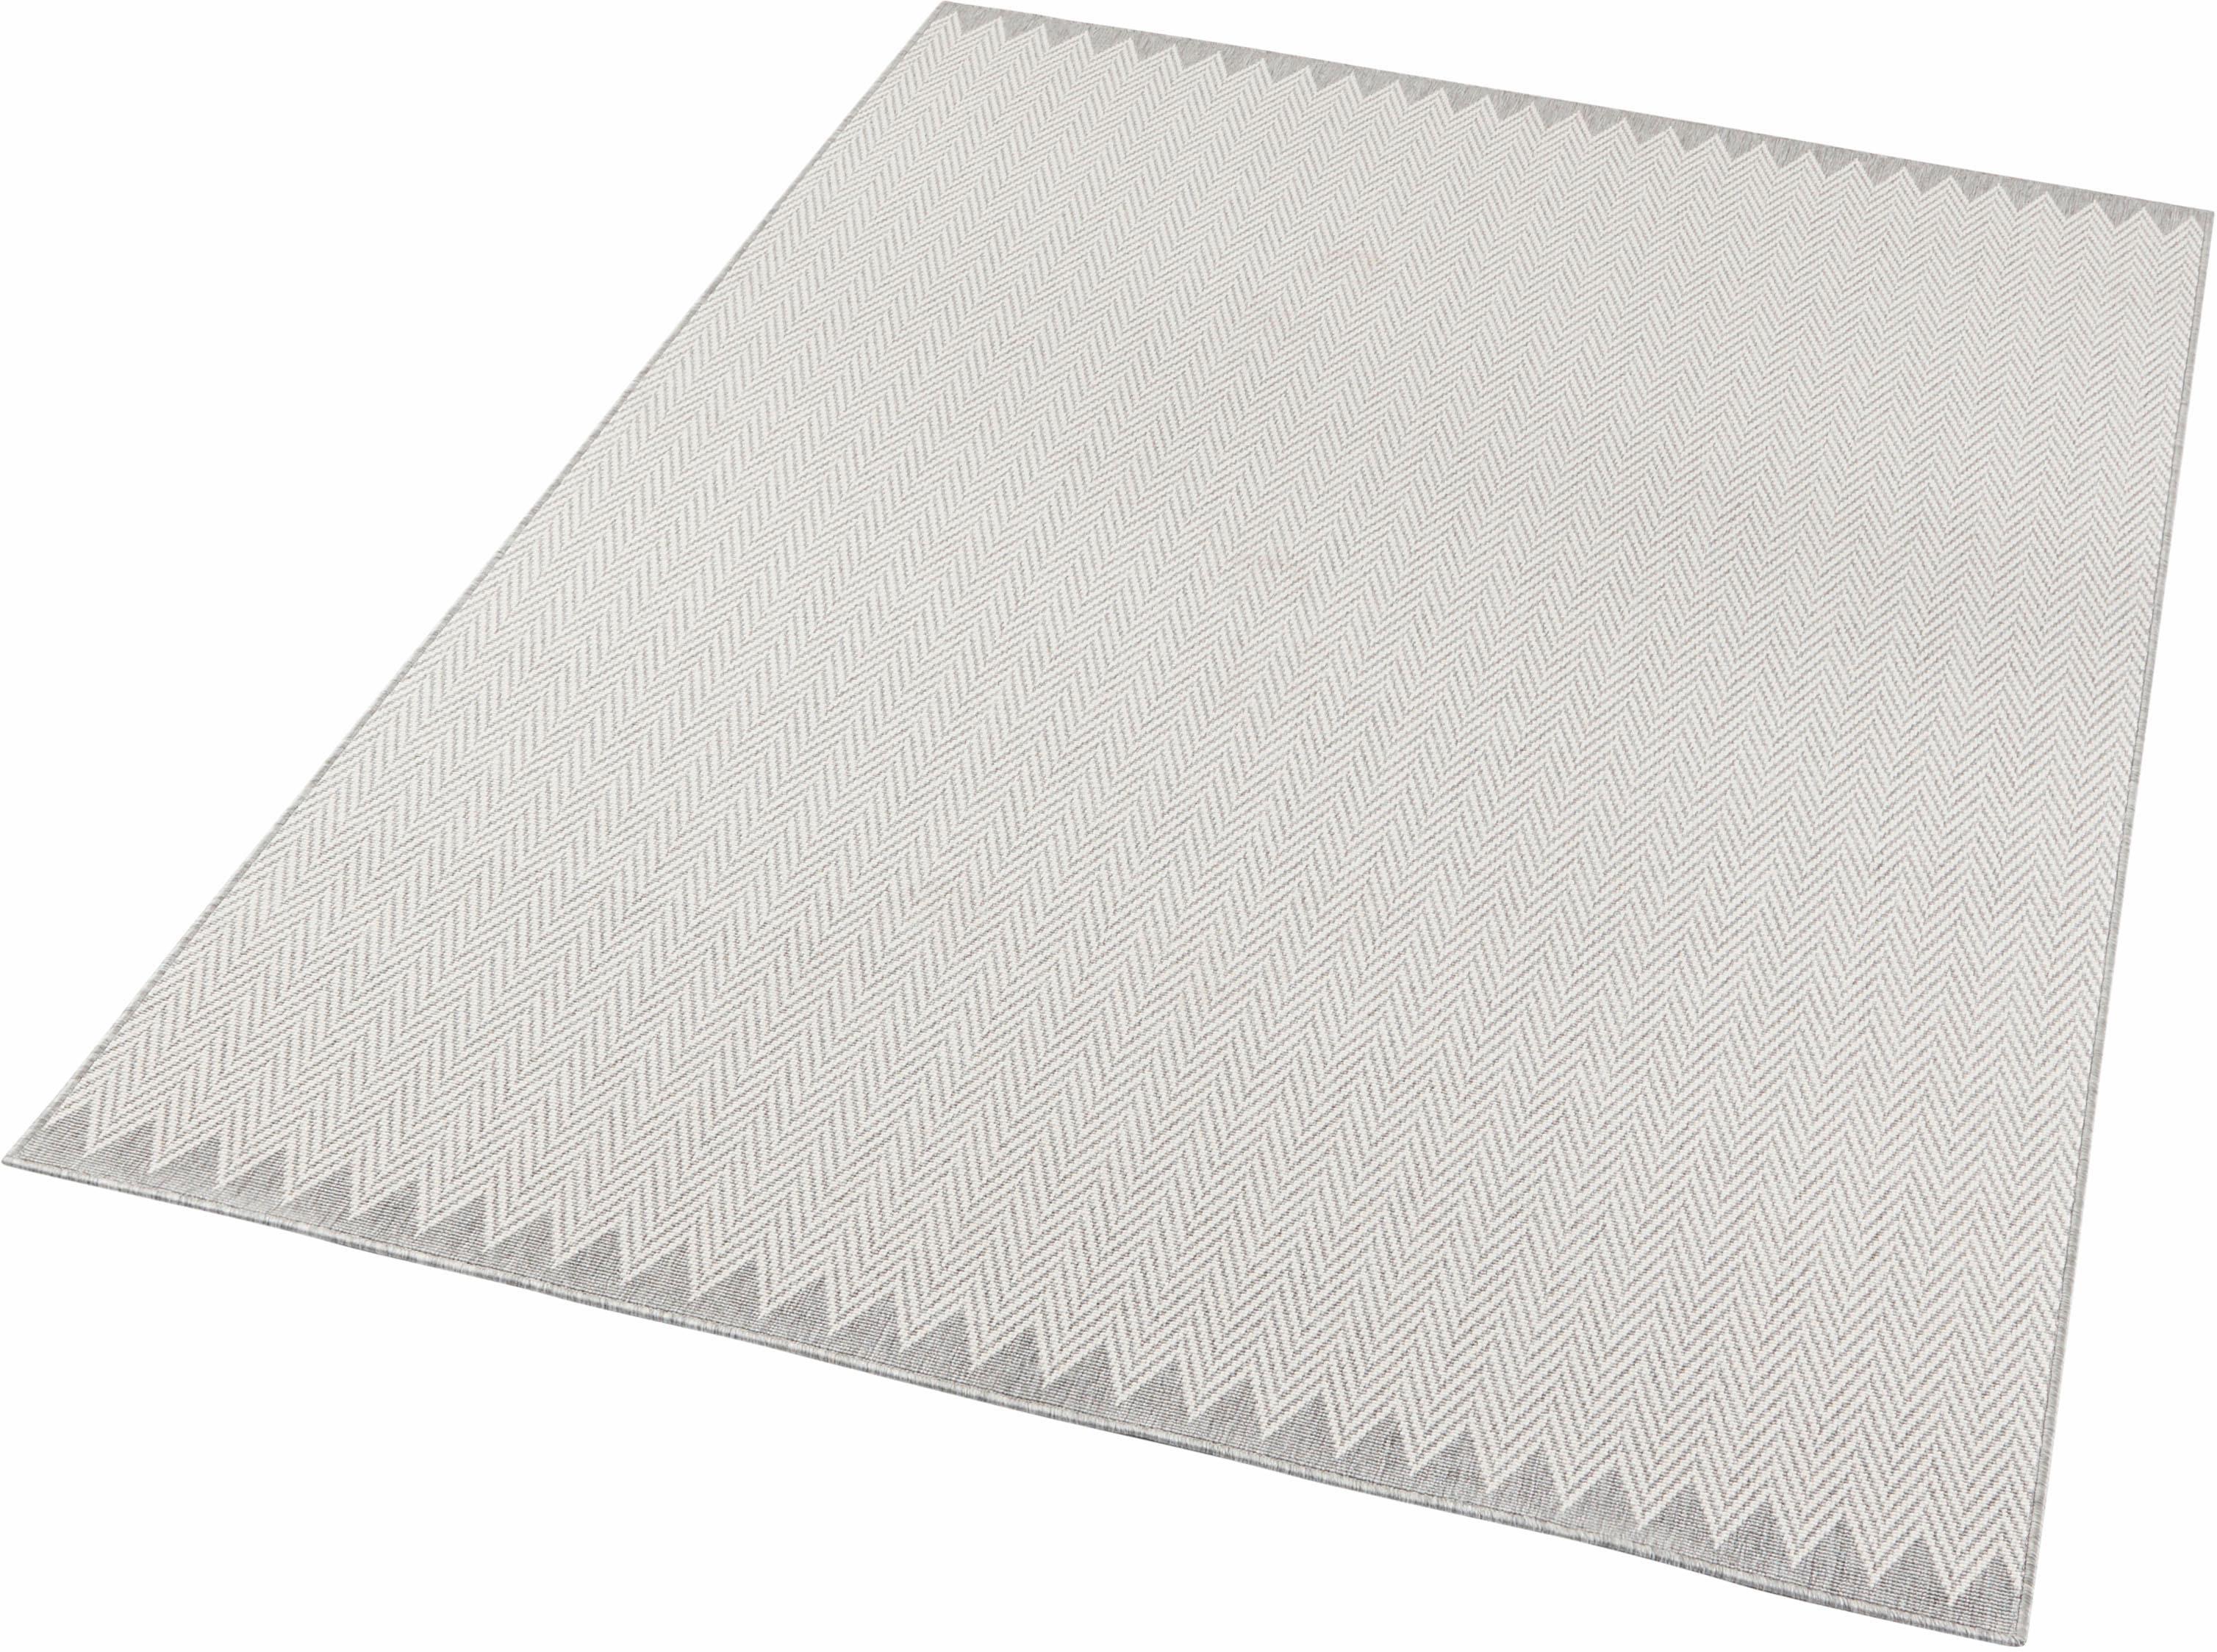 Teppich Ida freundin Home Collection rechteckig Höhe 4 mm maschinell gewebt